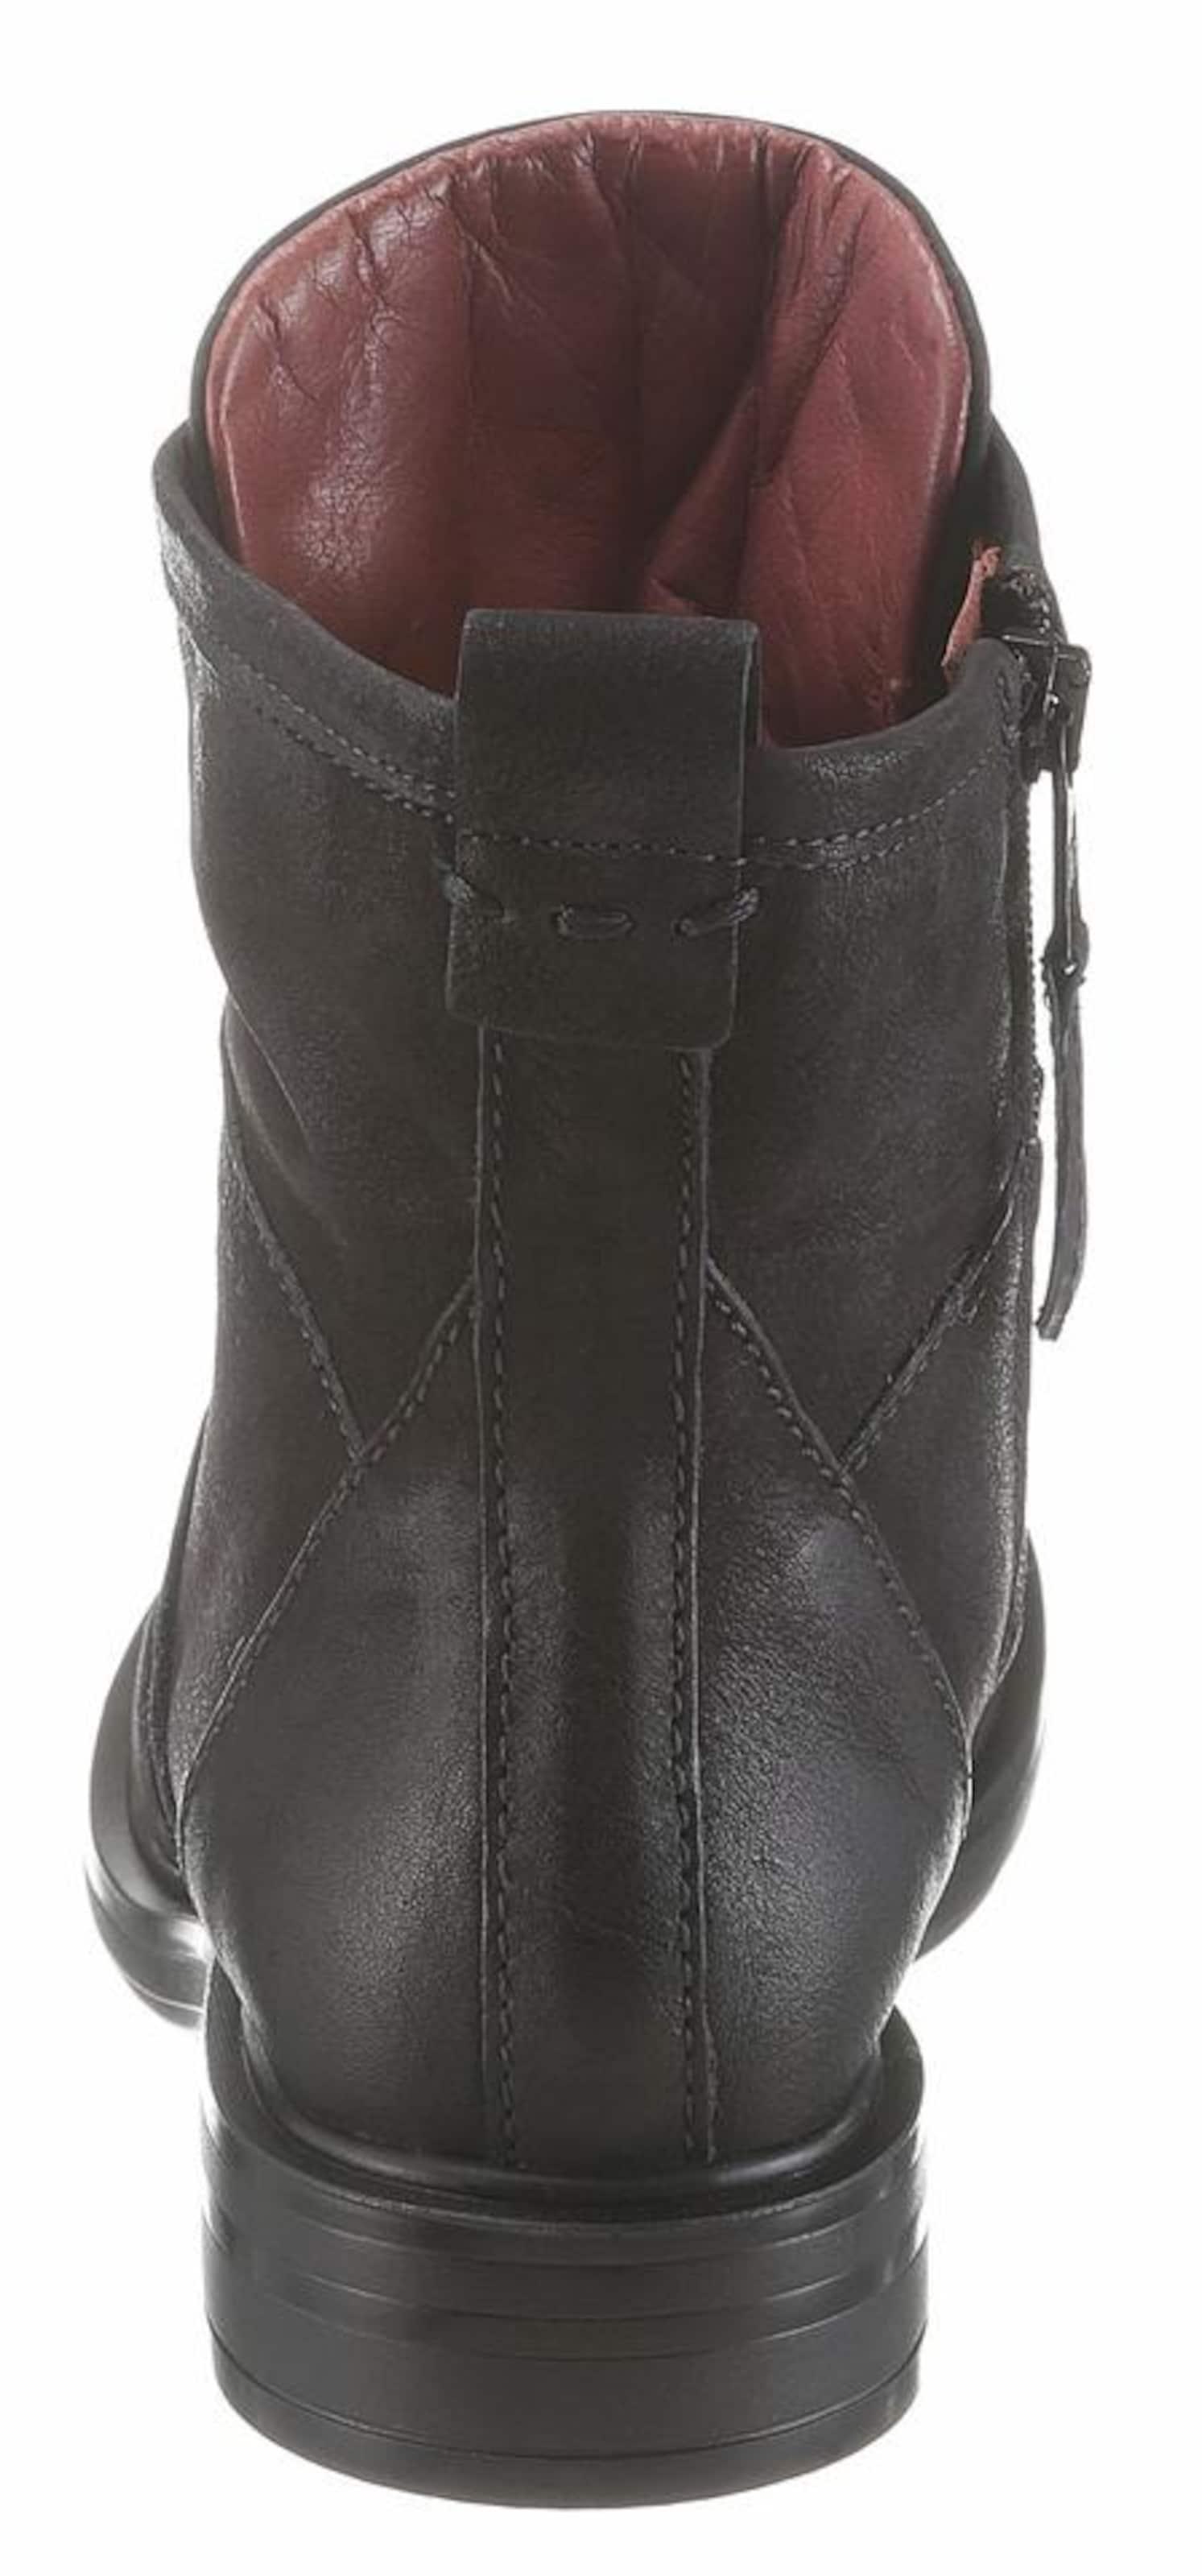 ARIZONA Stiefelette Leder Bequem, Bequem, Bequem, gut aussehend 8e3f07